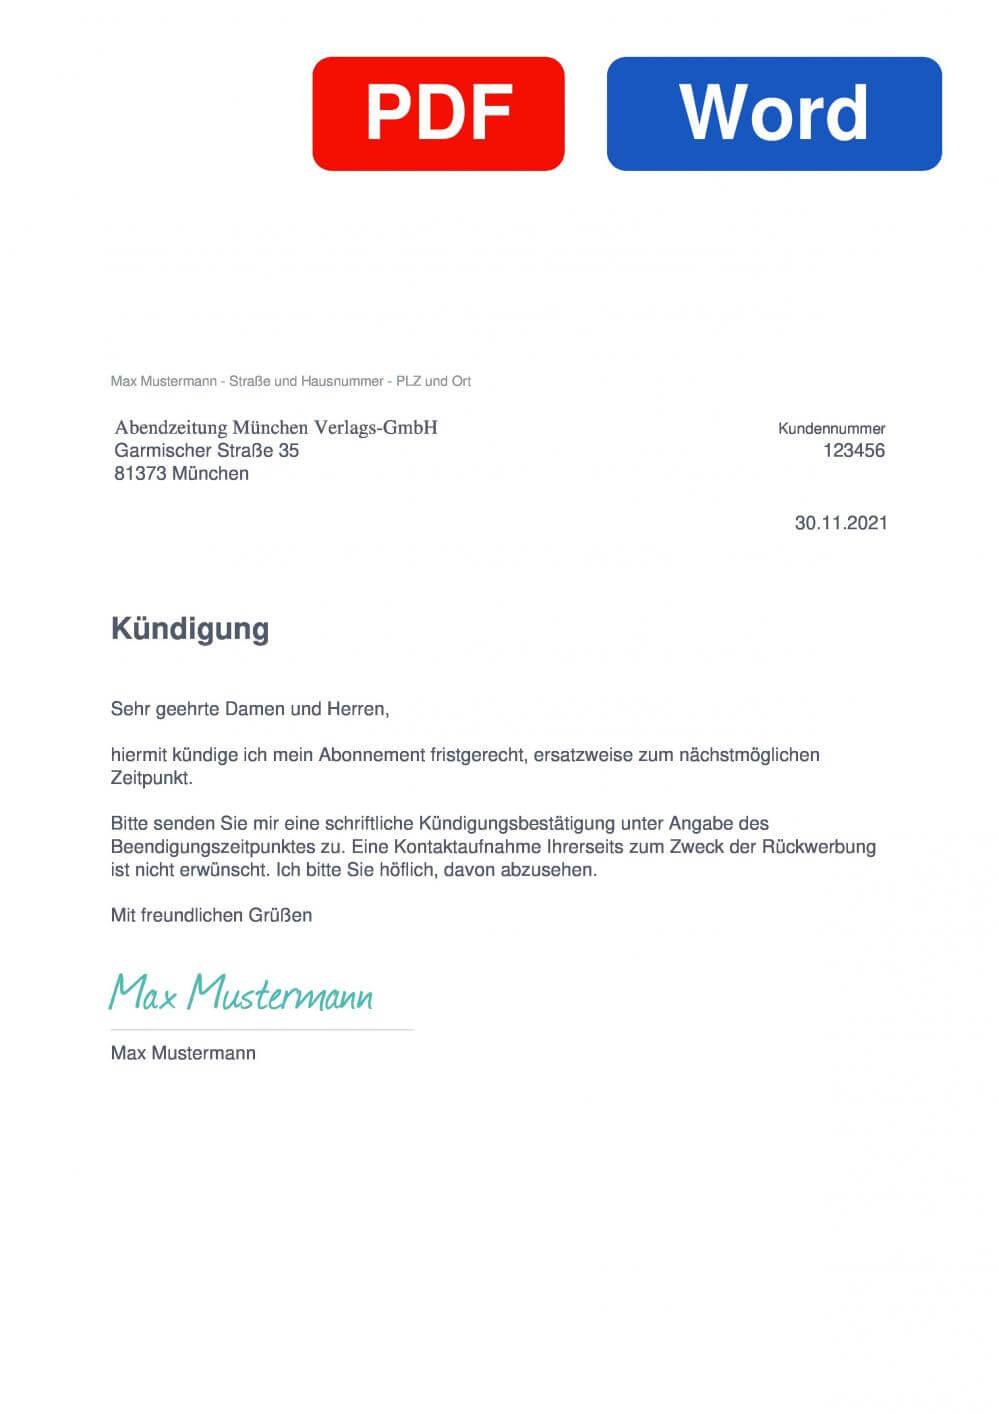 Abendzeitung München Muster Vorlage für Kündigungsschreiben